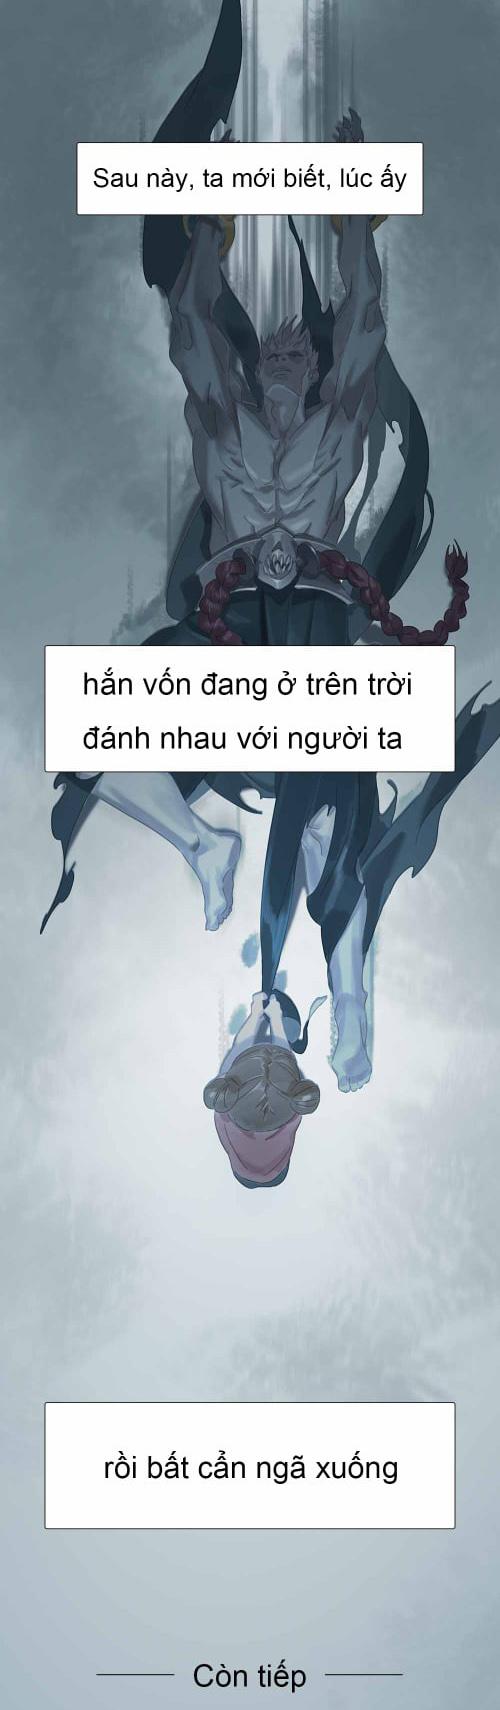 Bi su Vung Bi Dia Rong Than #3 Chuong 1 Hoi uc - Trang 9